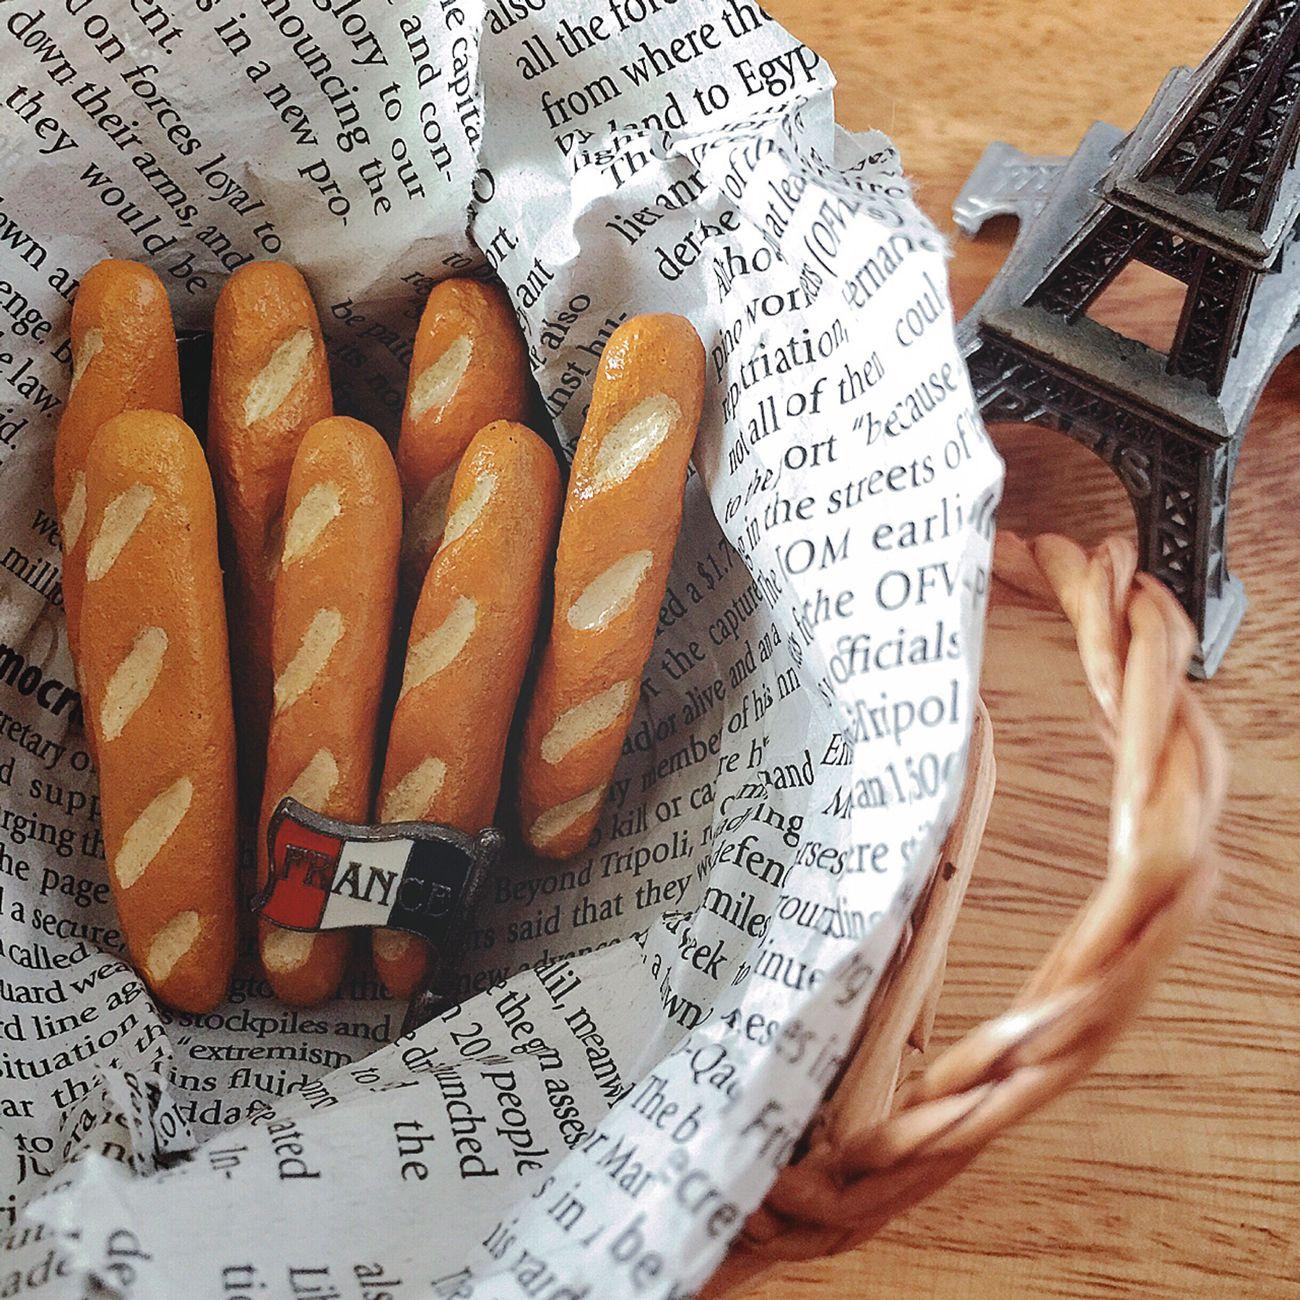 バゲットのブローチ しろくま貯金箱に気を取られてたけど、ブローチも綴りますよ〜✌🏼️😚 パリっ子の定番パン・バゲットのブローチです🇫🇷🍞✨ パリジェンヌに憧れて、パリのパン屋さんで売っているようなバゲットをイメージしました🇫🇷🍞🤗 しろくま貯金箱とブローチ、写真たくさん撮らなきゃ😆📱✨✨ ブローチ フランス フランスパン バゲット France パリ Paris ハンドメイド 粘土 陶土 オーブン陶土